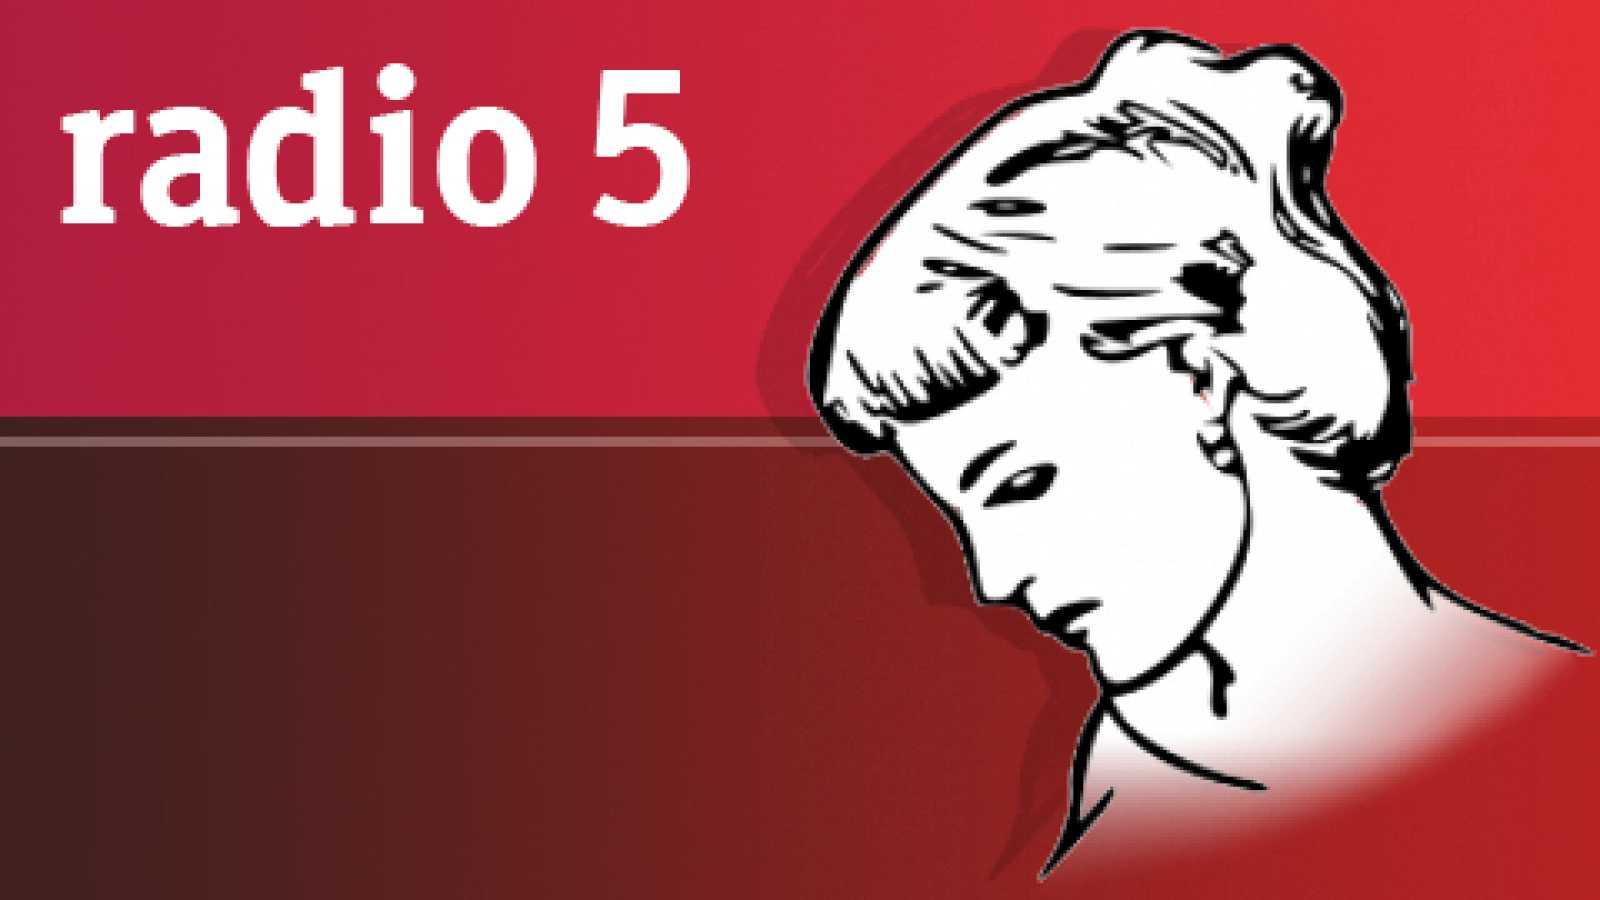 Con voz de mujer - Protocolo trata de seres humanos - 13/11/14 - Escuchar ahora